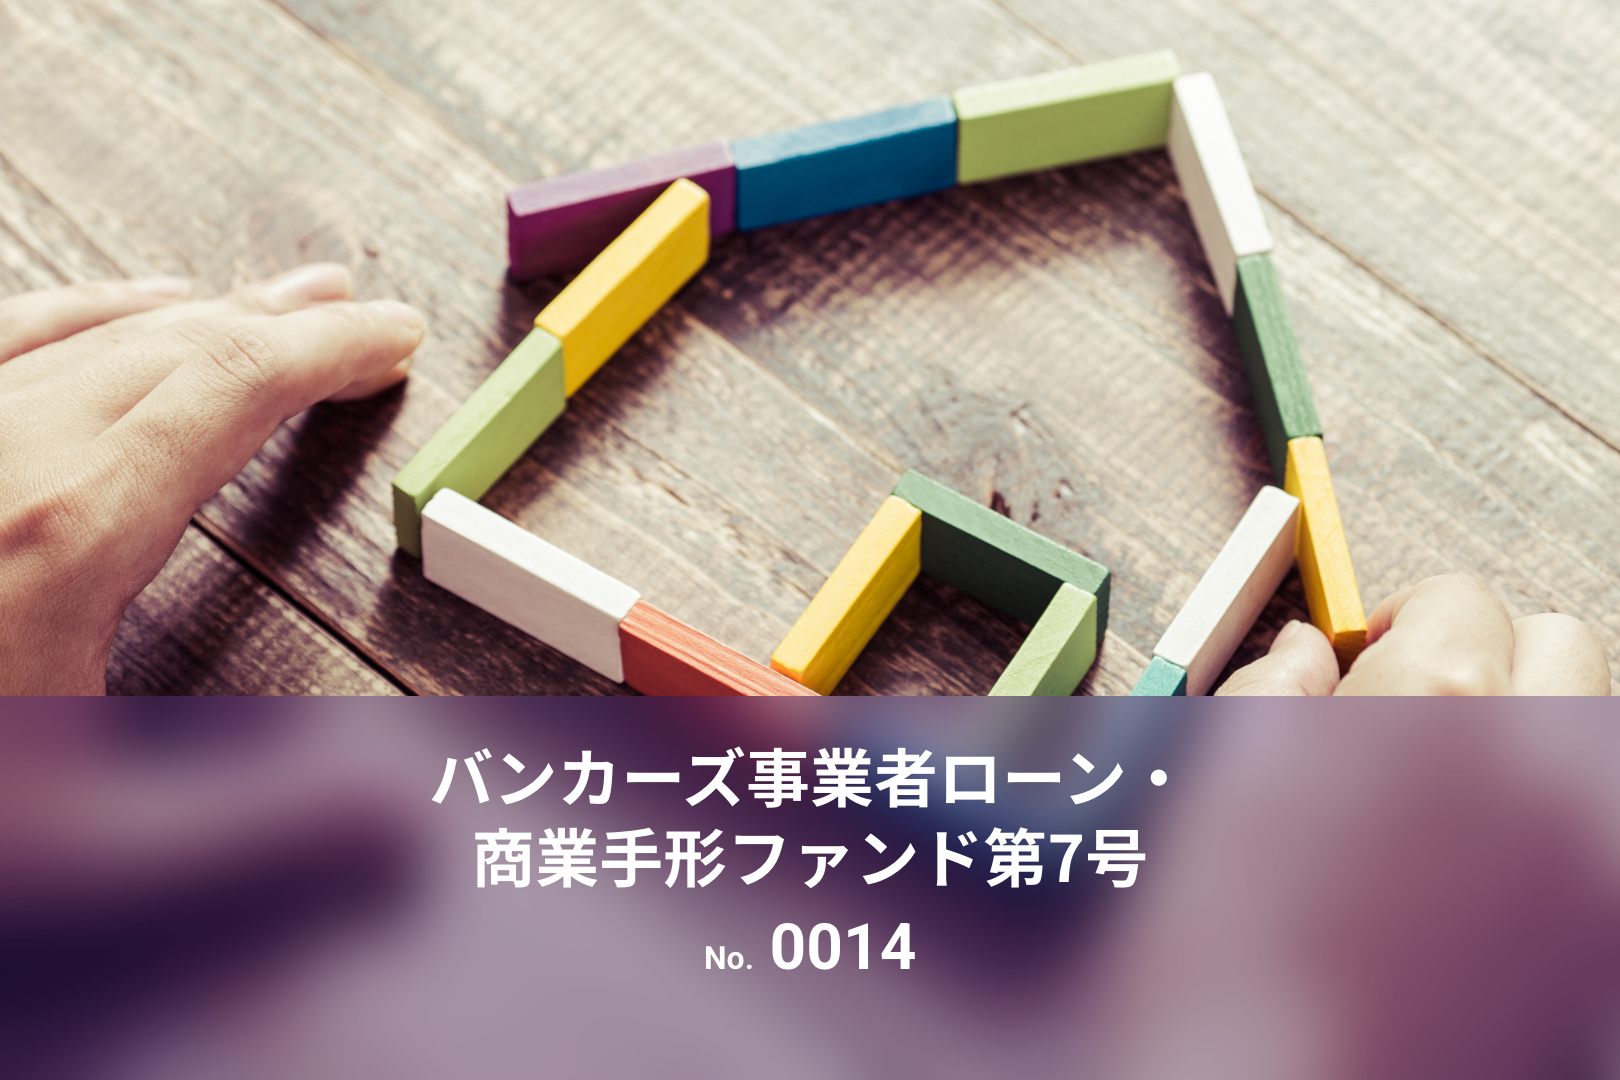 バンカーズ事業者ローン・商業手形ファンド第7号